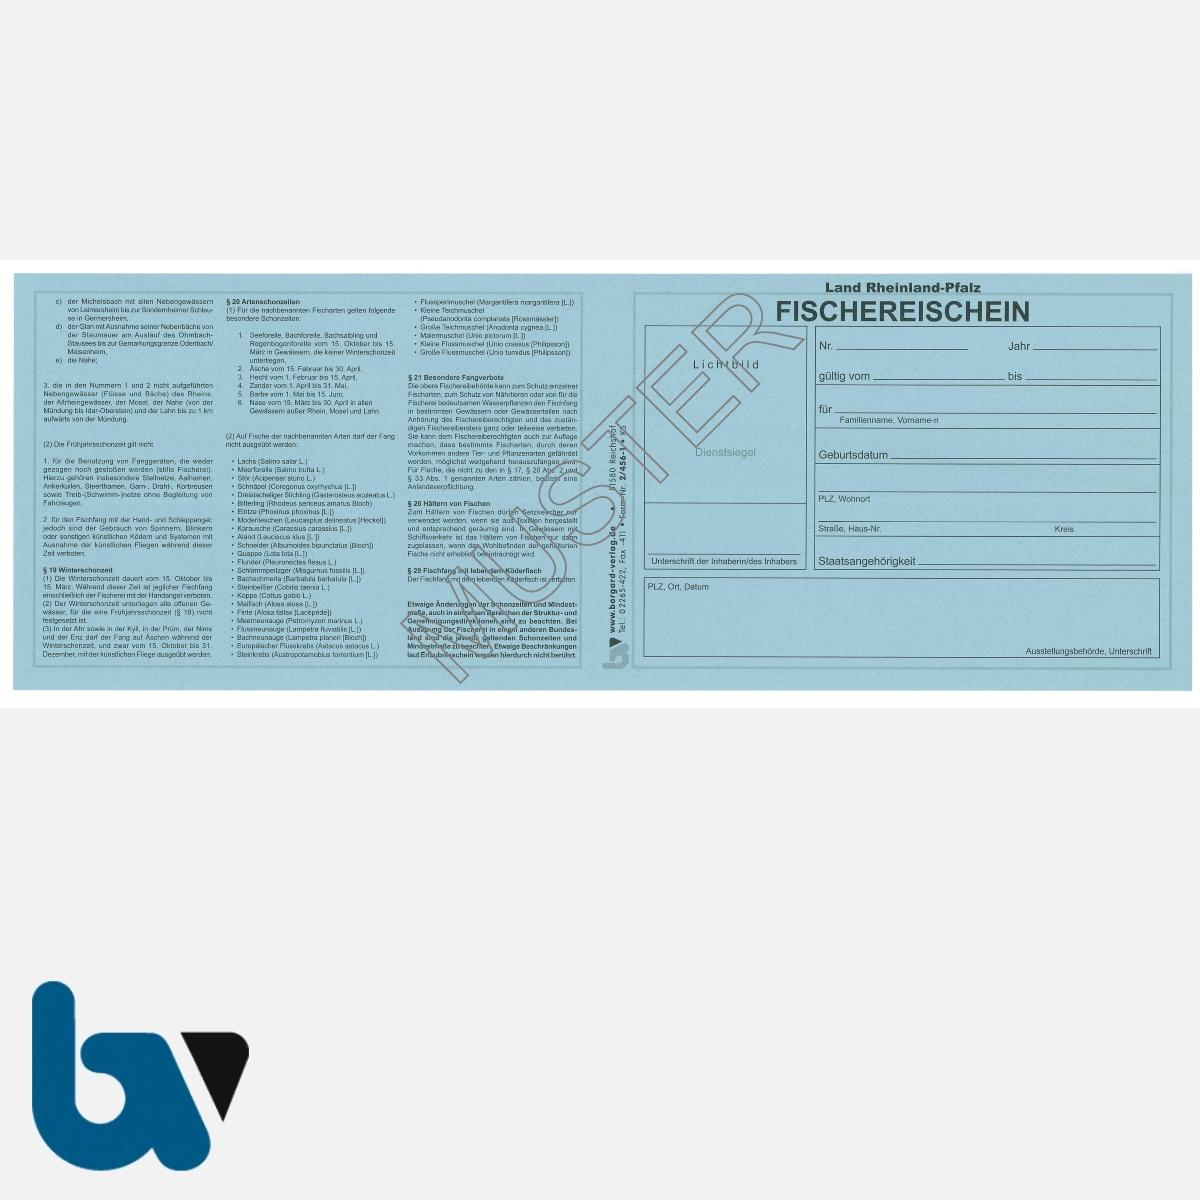 2/456-1 Fischereischein RLP Rheinland-Pfalz blau Neobond Muster VS | Borgard Verlag GmbH